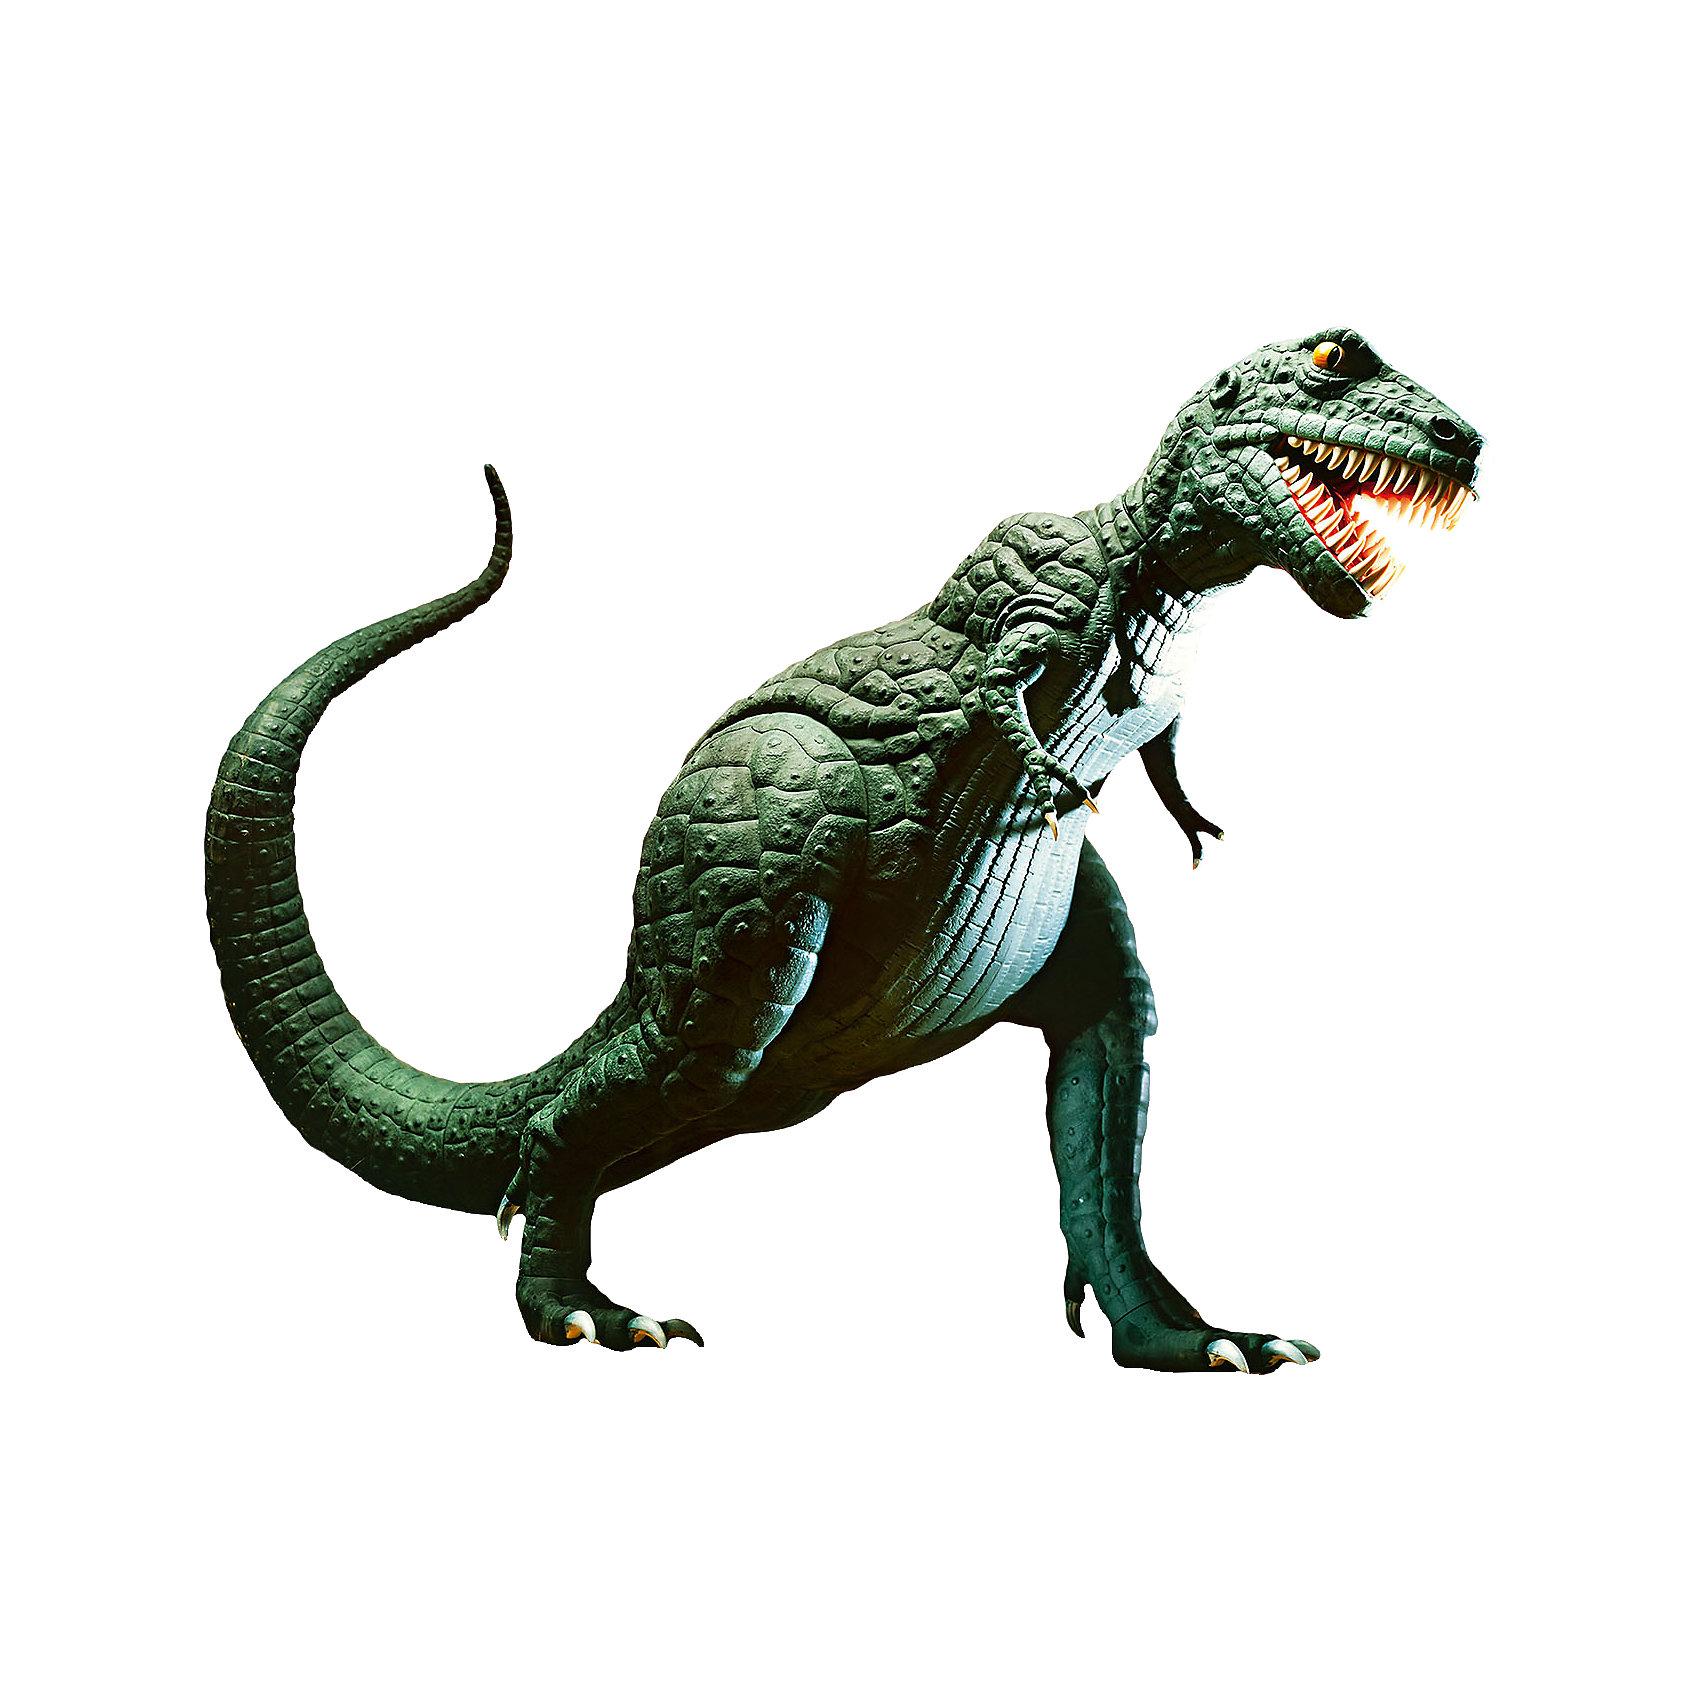 Тиранозавр Рекс, RevellДраконы и динозавры<br>Характеристики товара:<br><br>• возраст от 10 лет;<br>• материал: пластик;<br>• в комплекте: 51 деталь, 4 банки с краской, кисточка, клей;<br>• высота собранной модели 70 см;<br>• масштаб 1:13;<br>• размер упаковки 60х42,5х11,7 см;<br>• вес упаковки 2 кг;<br>• страна производитель: Польша.<br><br>Сборная модель «Тираннозавр Рекс» Revell позволит познакомиться с миром доисторических обитателей нашей планеты и собрать модель одного из опасных хищников — Тираннозавра. Все детали легко соединяются между собой без дополнительных инструментов, для прочности они склеиваются между собой. Готовую модель детям предстоит самостоятельно раскрасить акриловыми красками. Такое занятие, не только увлечет ребенка но и способствует развитию моторики рук, логического мышления, усидчивости.<br><br>Тираннозавра Рекс Revell можно приобрести в нашем интернет-магазине.<br><br>Ширина мм: 604<br>Глубина мм: 426<br>Высота мм: 124<br>Вес г: 1807<br>Возраст от месяцев: 120<br>Возраст до месяцев: 180<br>Пол: Мужской<br>Возраст: Детский<br>SKU: 4150236